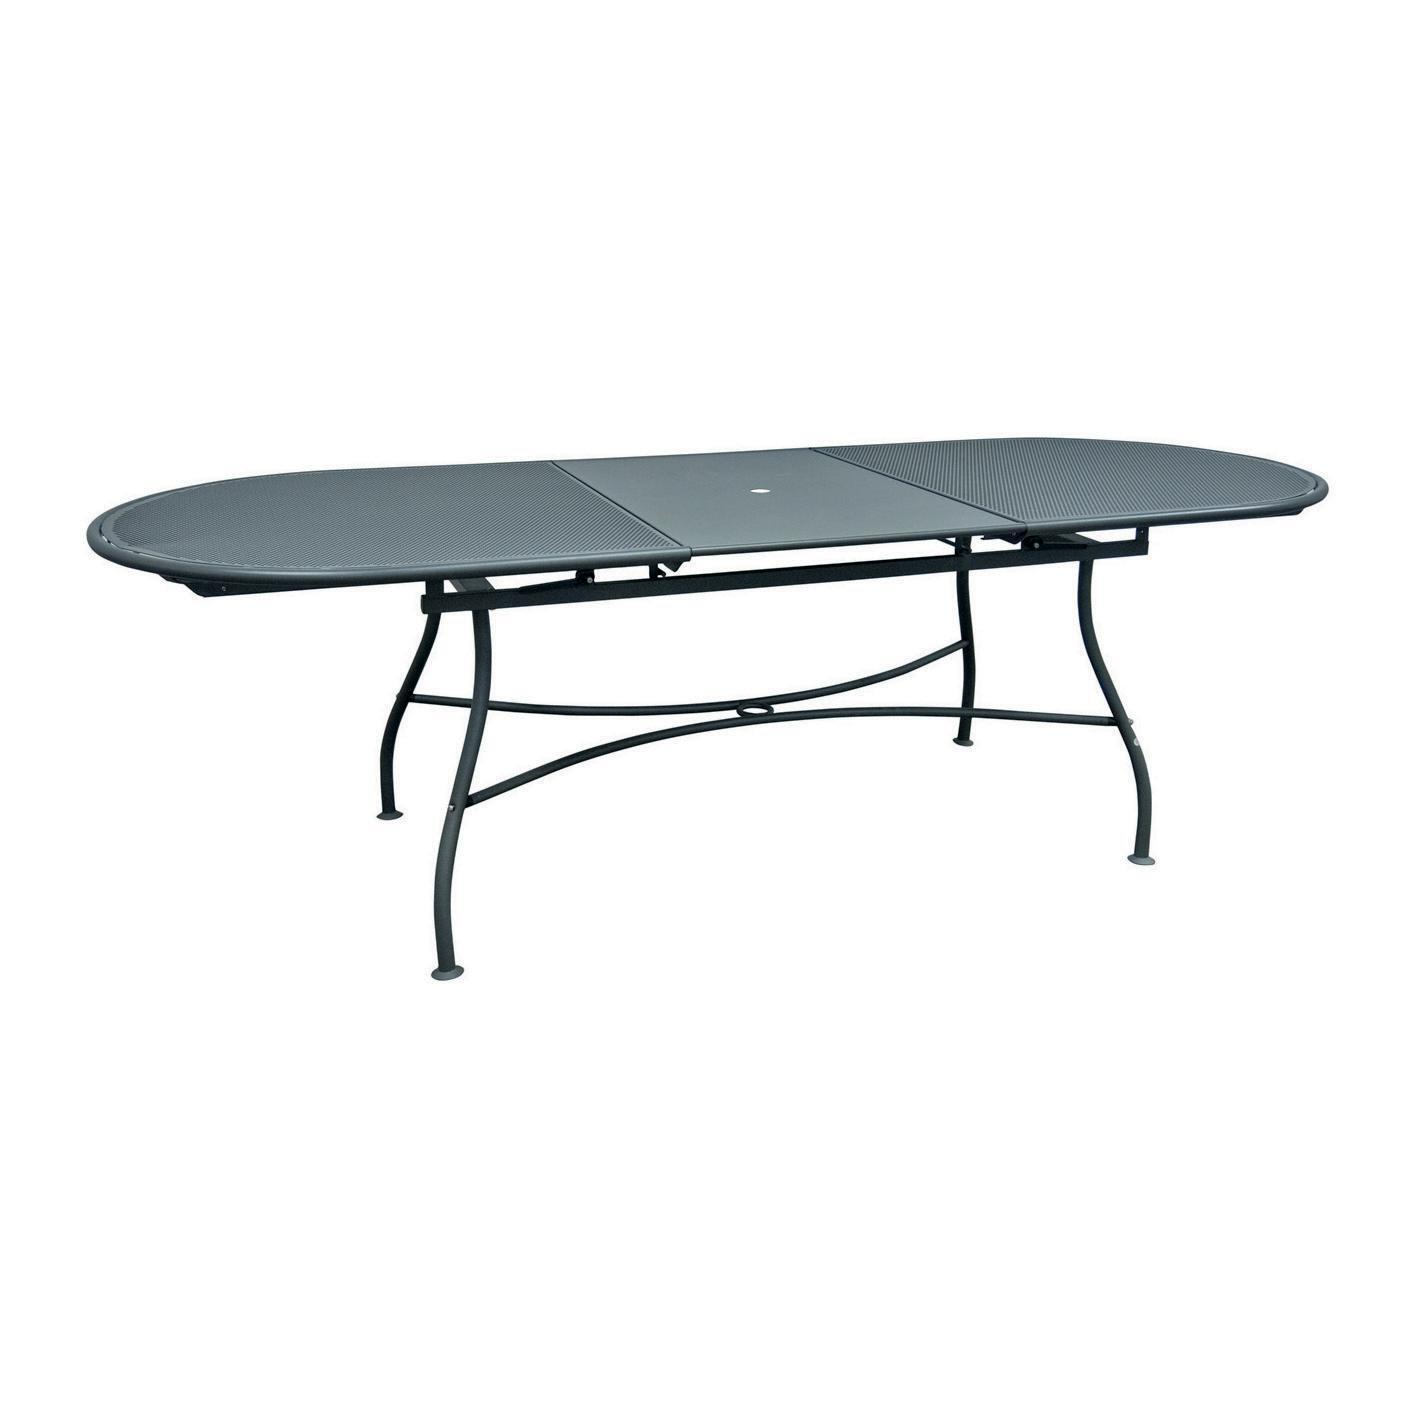 Tavolo da giardino allungabile ovale Evo con piano in alluminio L 180/240 x P 90 cm - 6